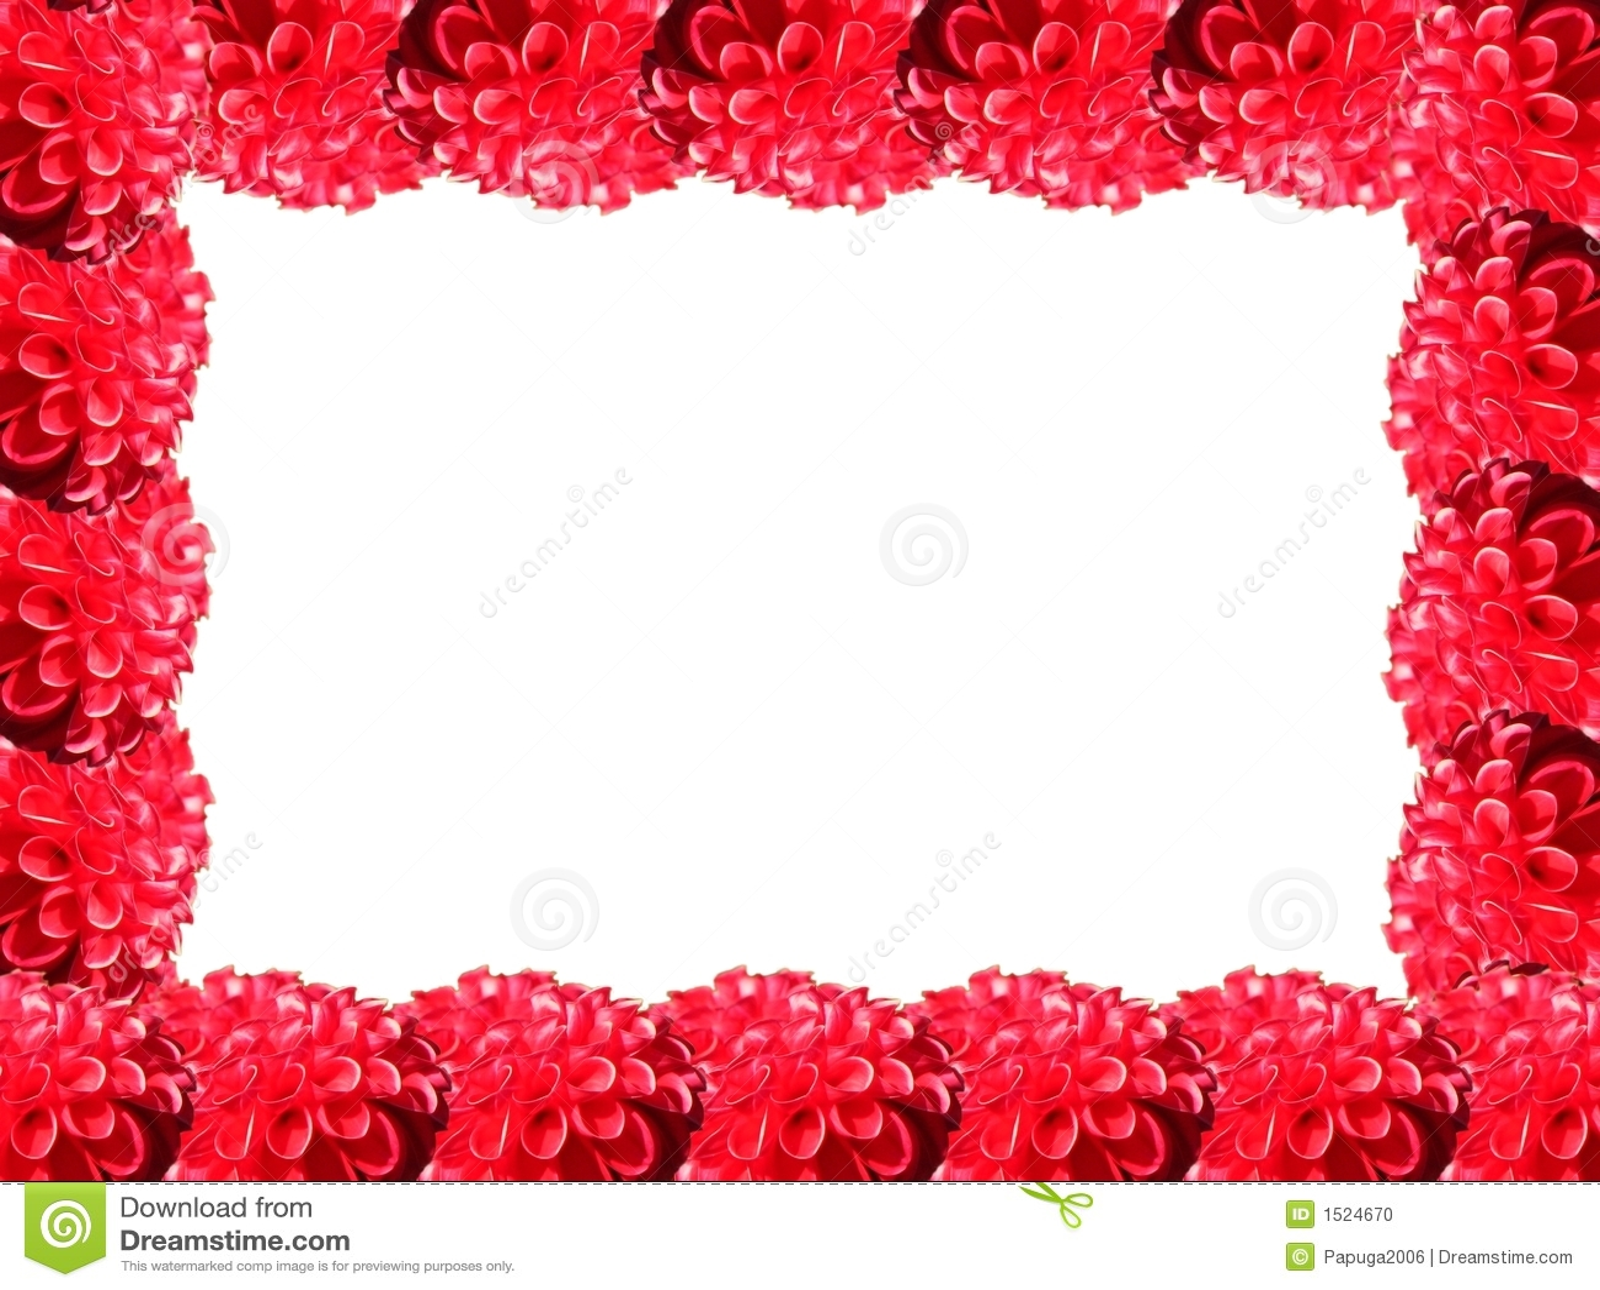 wallpaper borders red roses